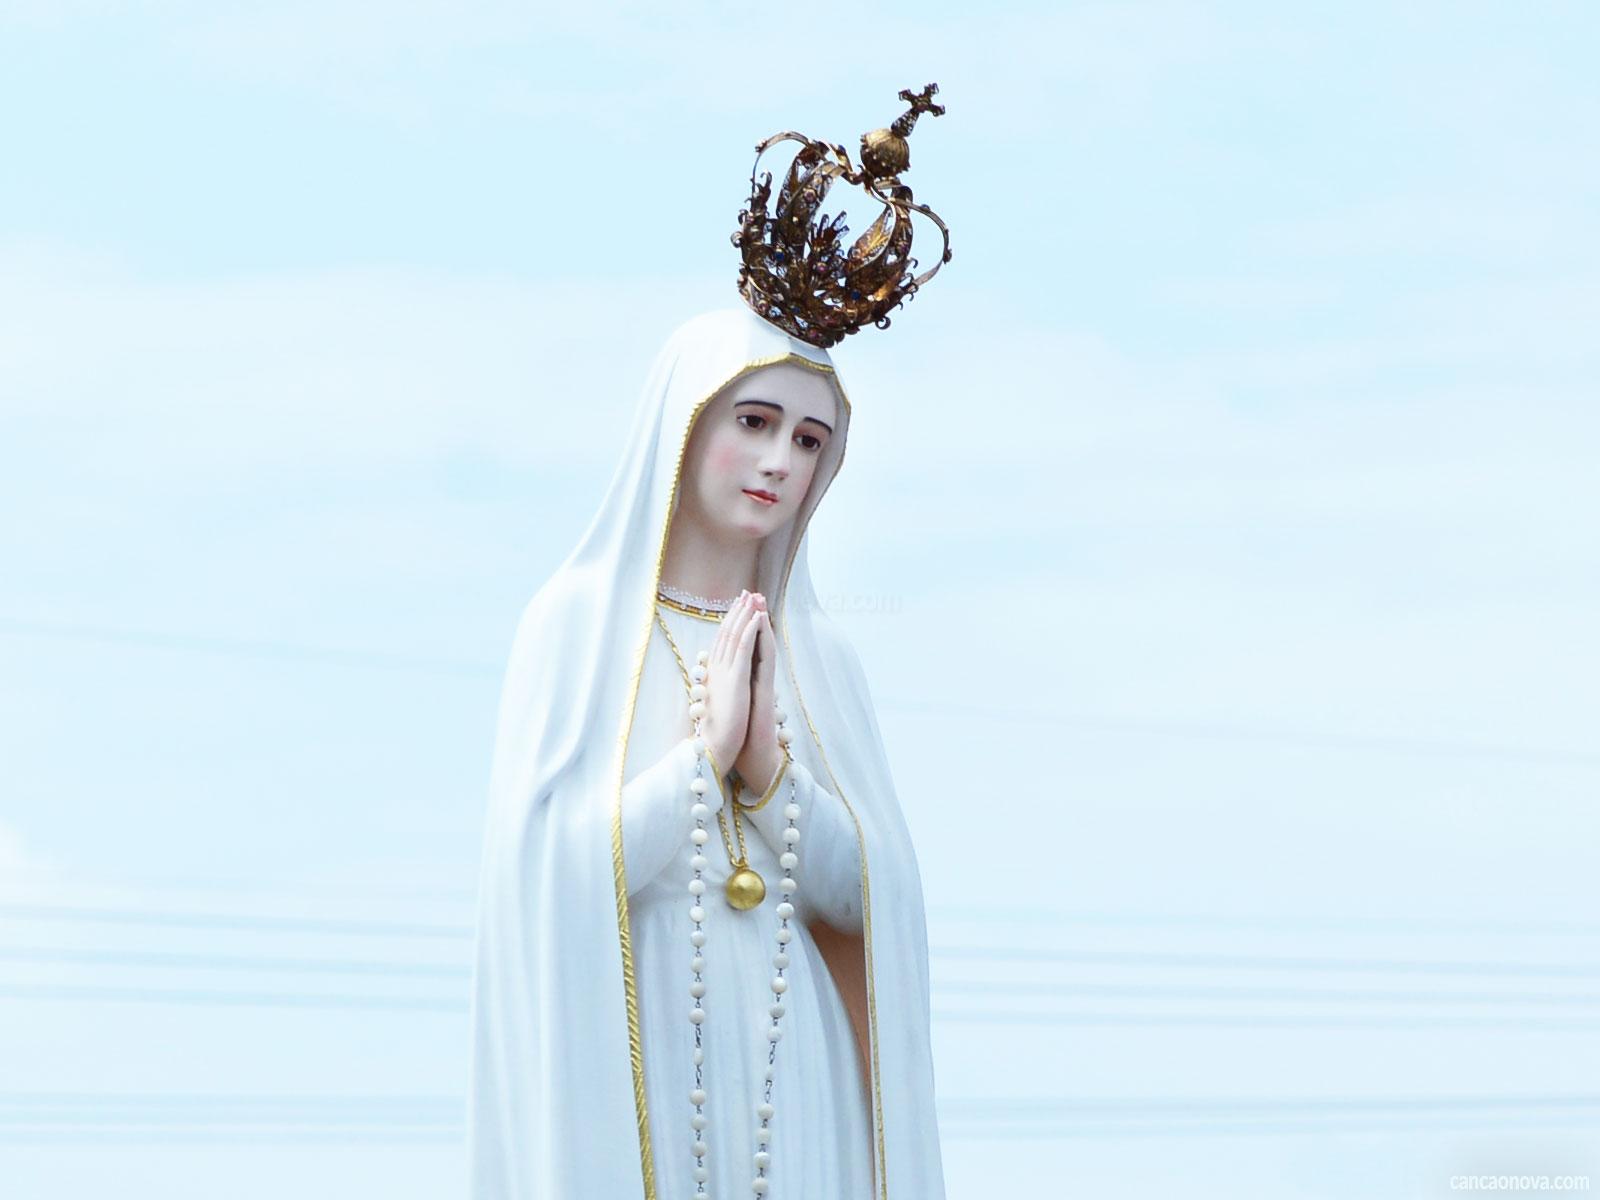 -Qual-o-papel-de-Nossa-Senhora-na-história-da-salvação